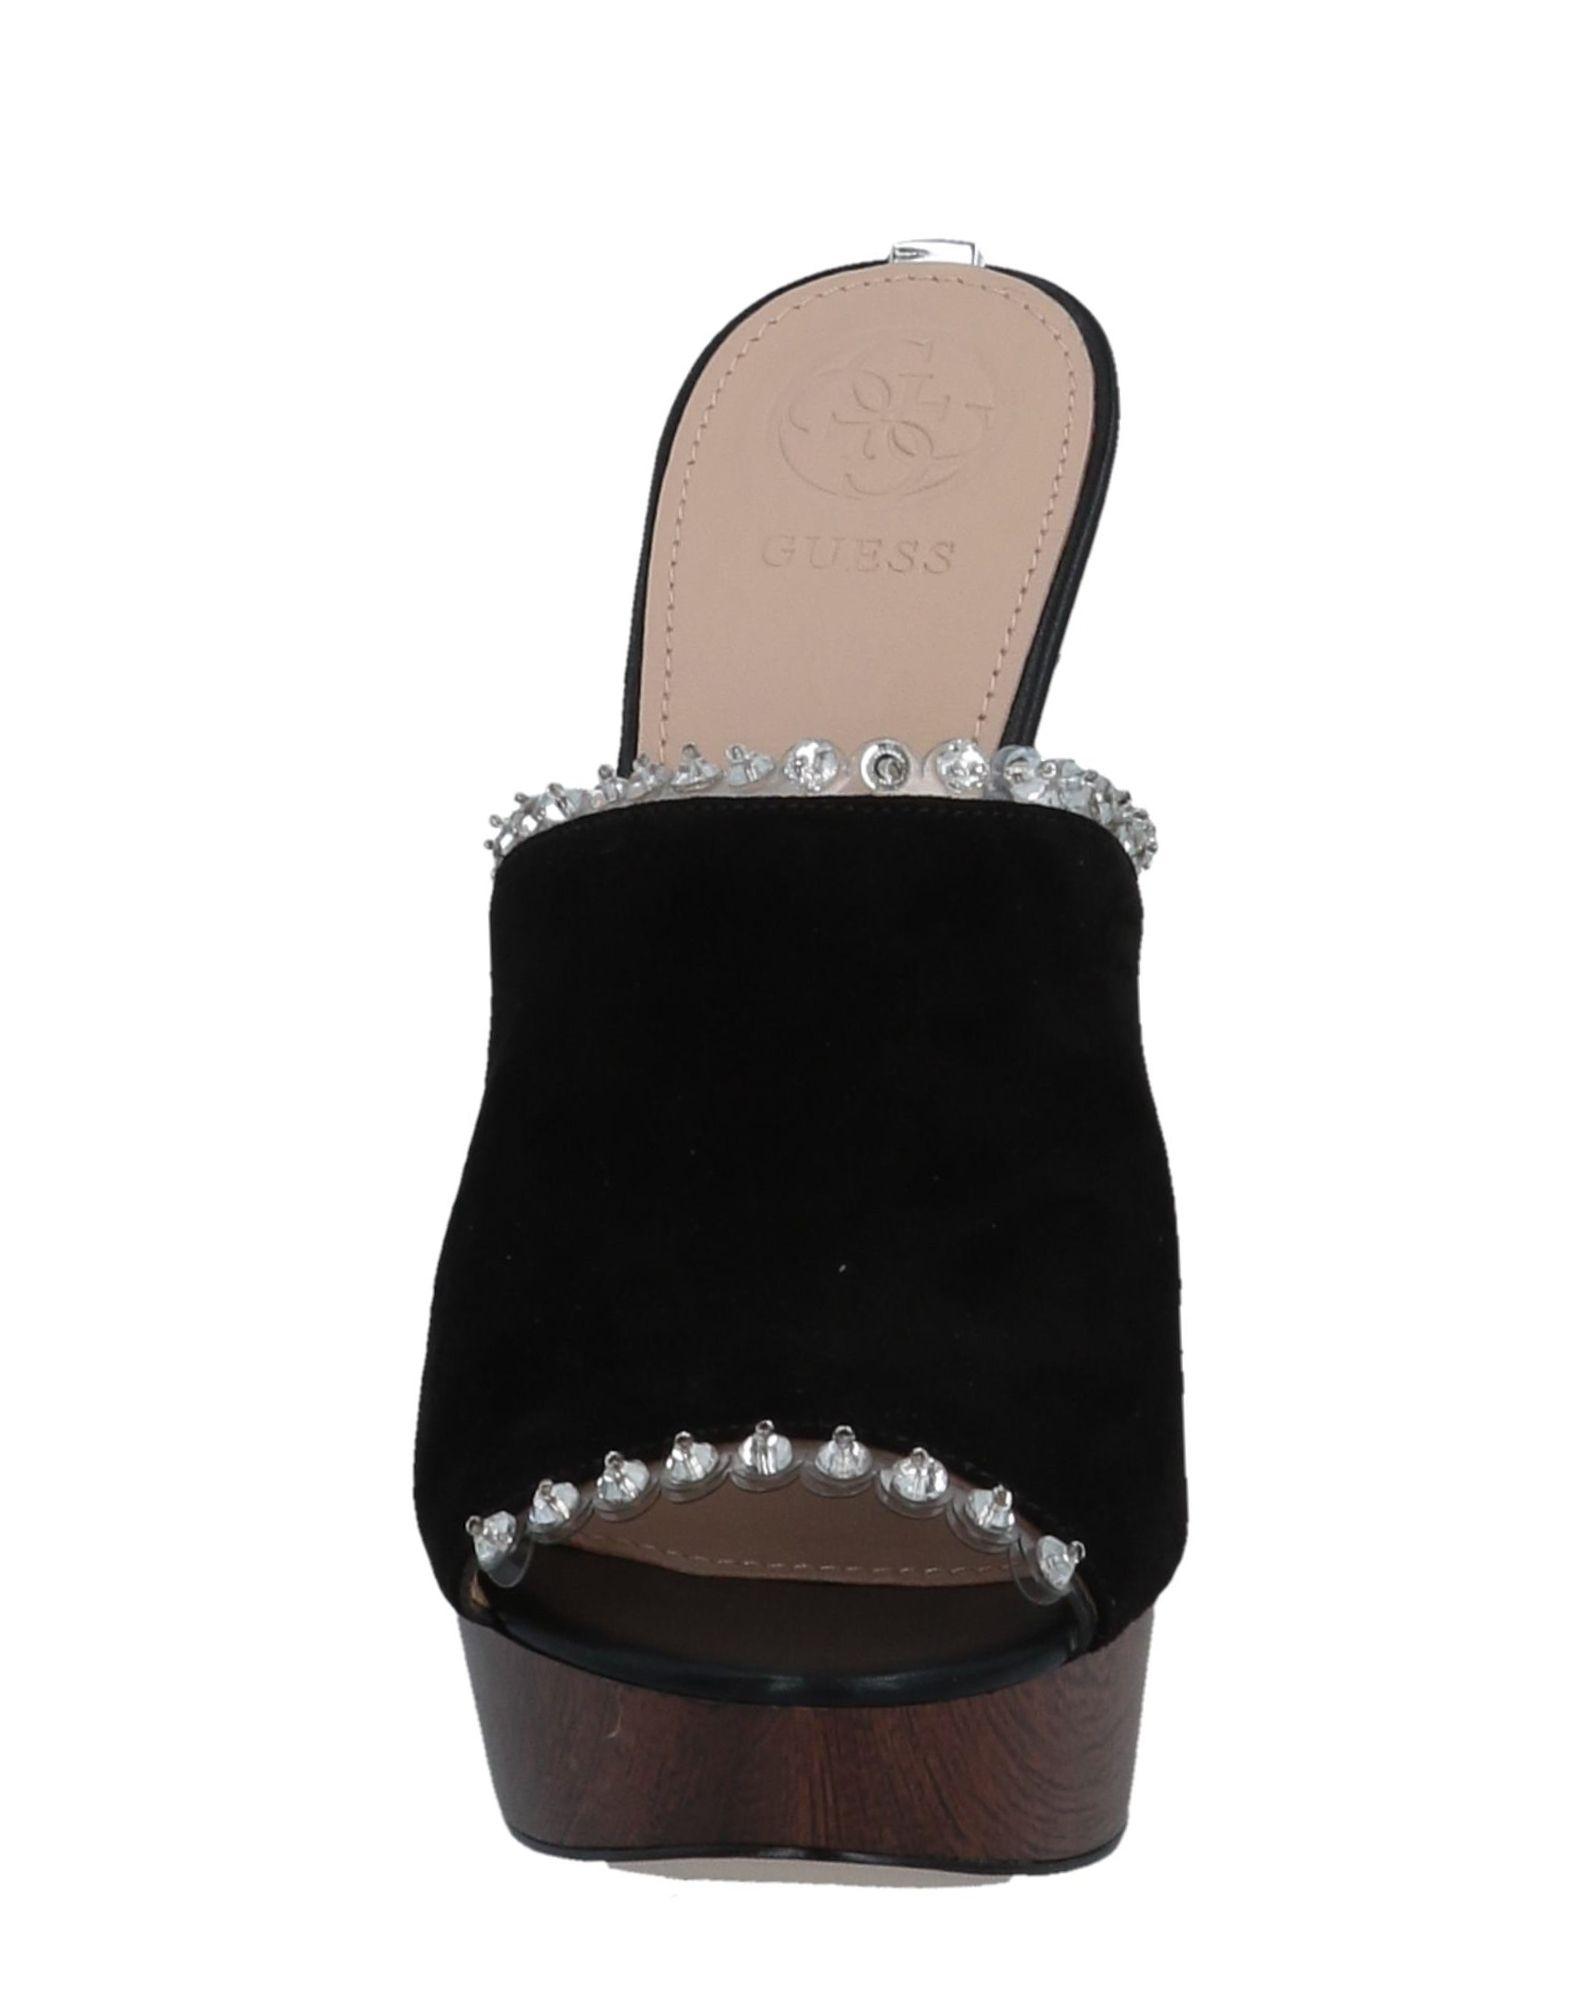 Klassischer Stil-1892,Guess Sandalen Damen Gutes sich Preis-Leistungs-Verhältnis, es lohnt sich Gutes 19a863